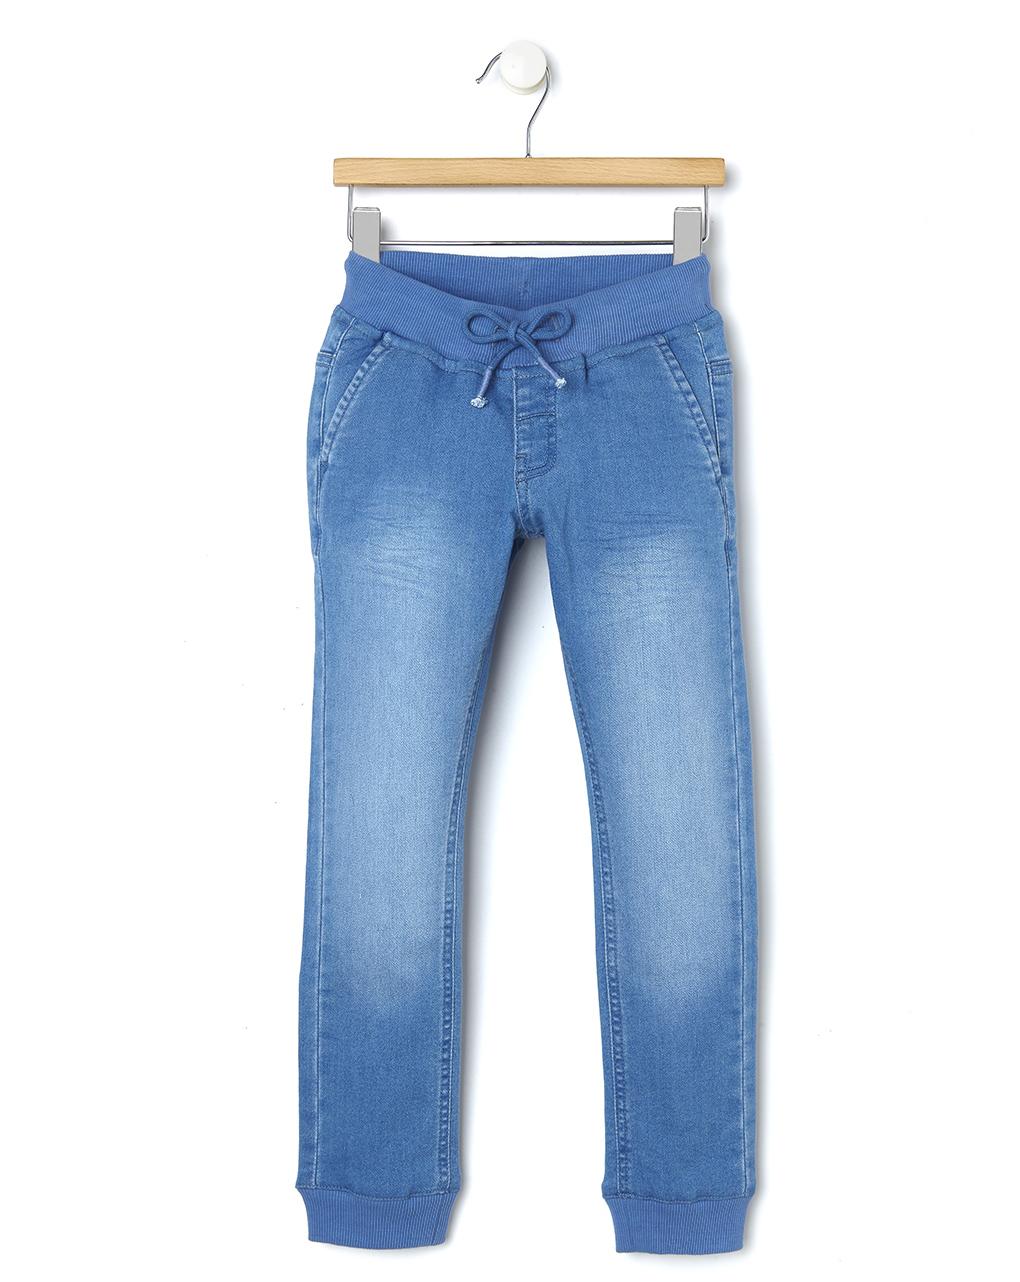 Calça jeans com punhos na parte inferior - Prénatal